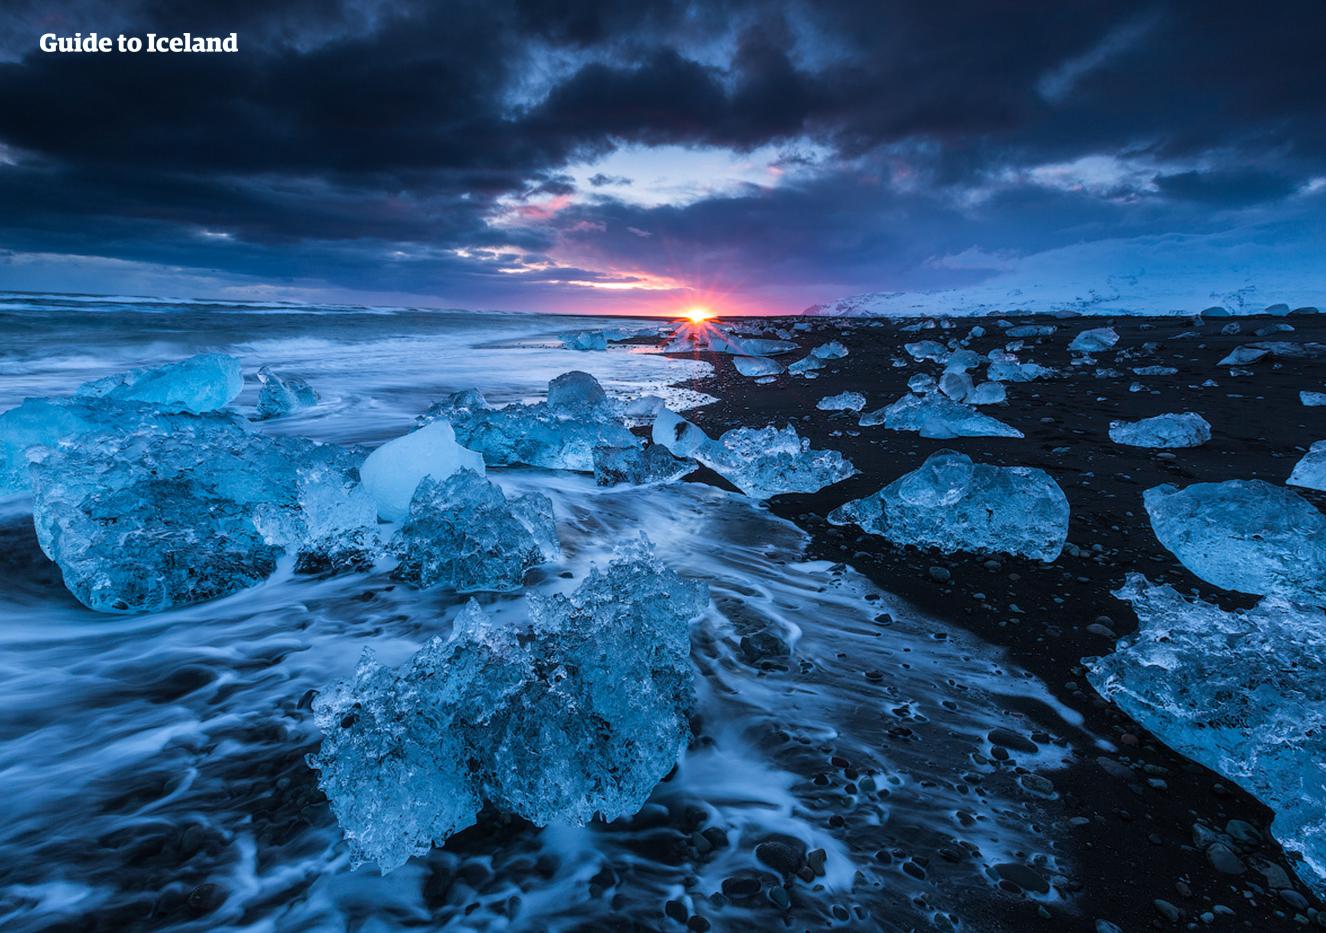 Podczas zimowej wycieczki autem można wieczorem odwiedzić Diamentową Plażę i obserwować, jak słońce zachodzi wśród błyszczących gór lodowych.